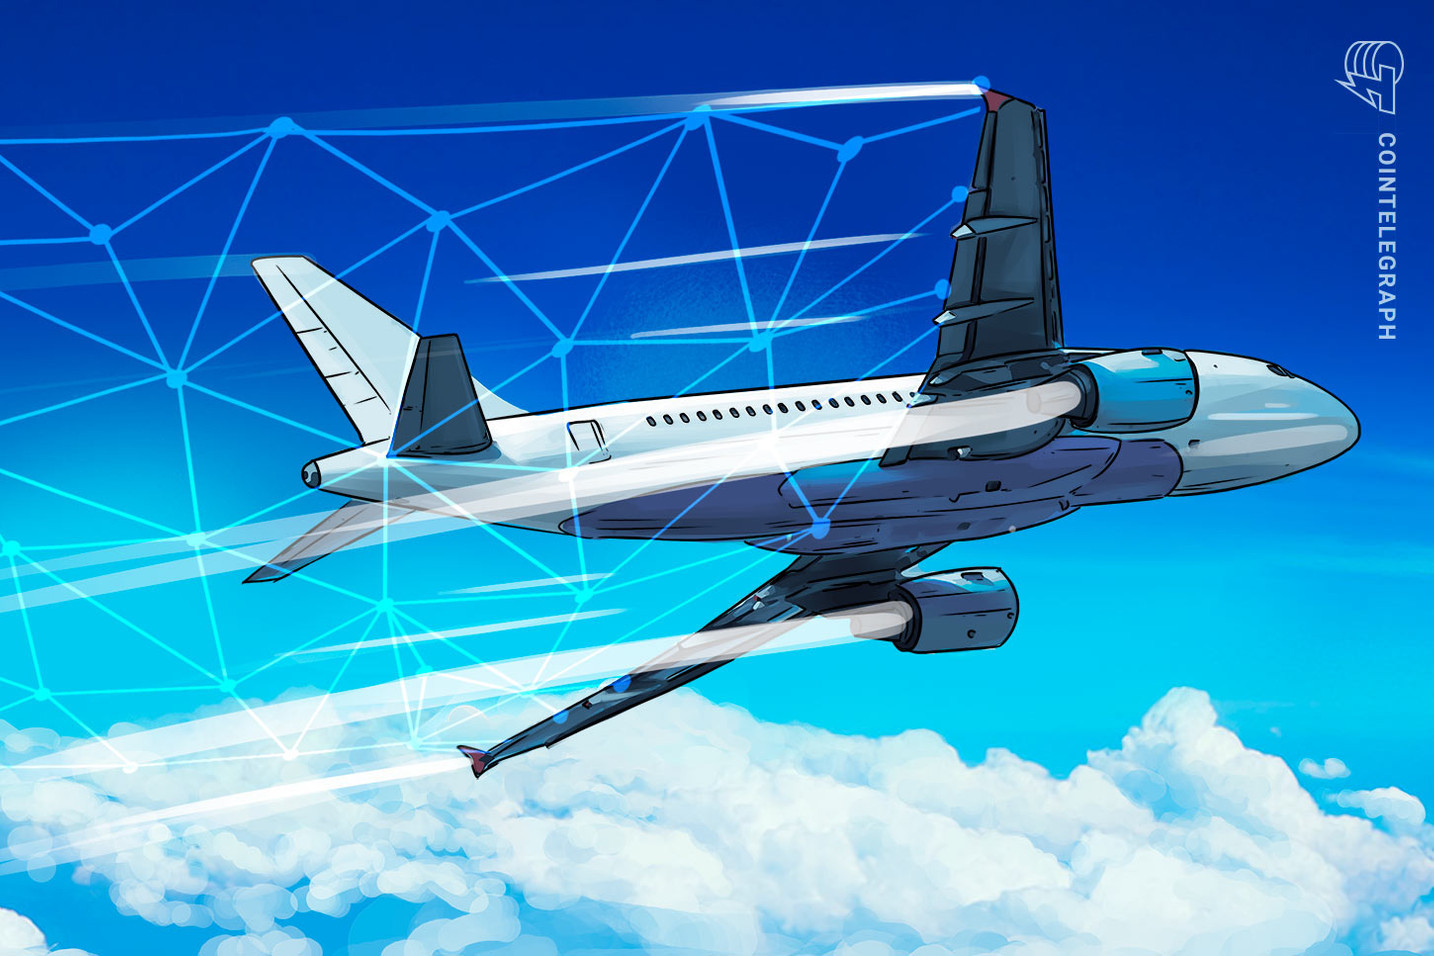 Españoles podrán cobrar reclamaciones por incidencias aéreas en criptomonedas